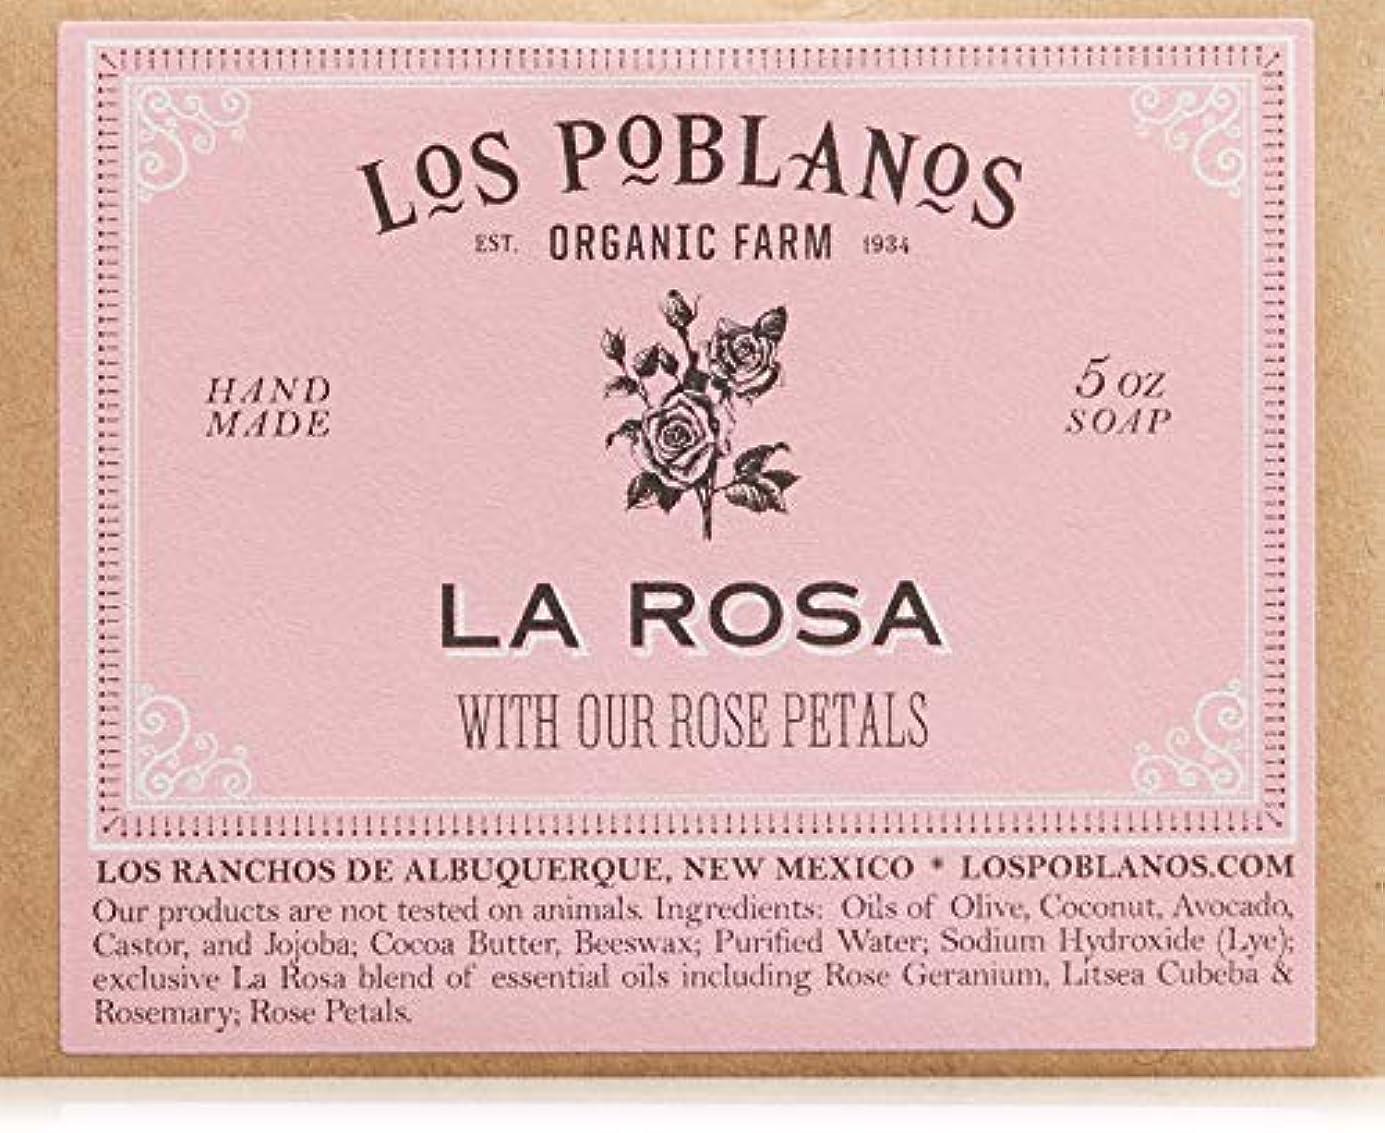 仕様退却相反するLOS POBLANOS(ロス ポブラノス) ラ ロッサ 130g